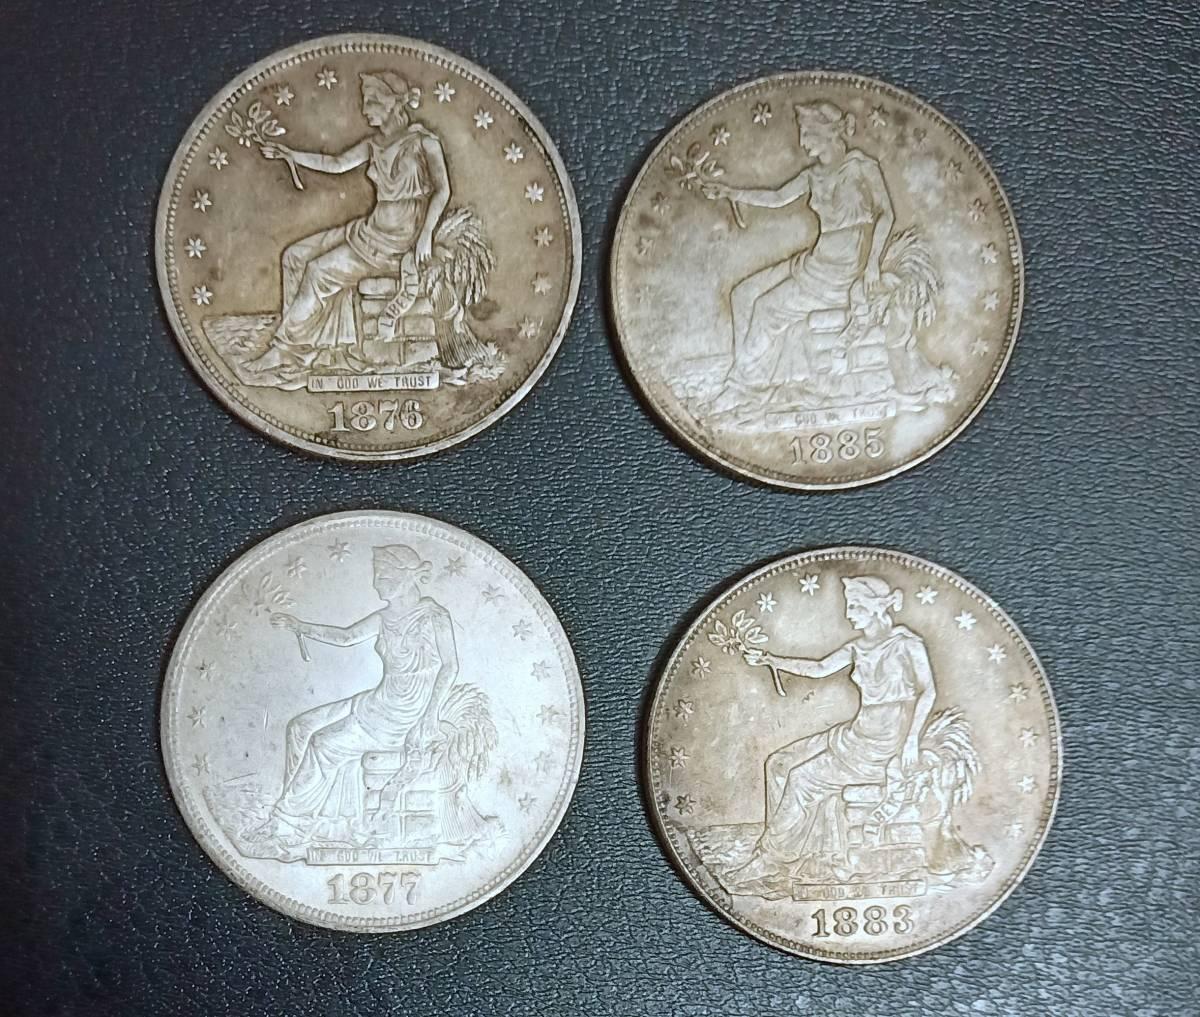 中古】【古銭】 アメリカ 1877年 1876年 1885年 1883年 dollar 4枚 ...